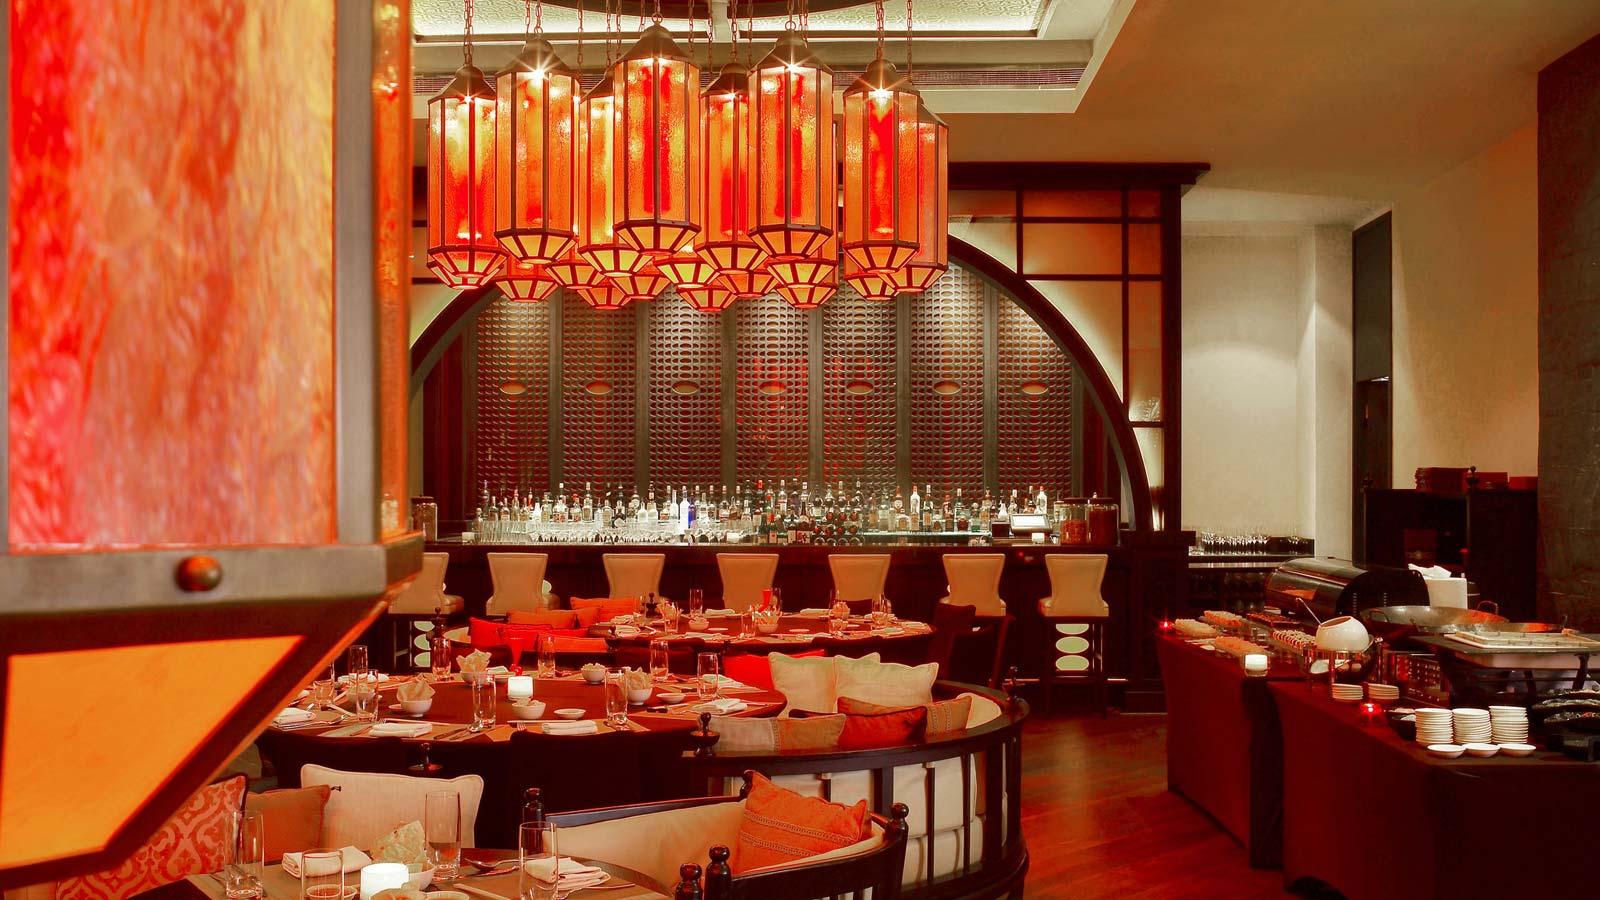 Spice Market Dining Room.jpg